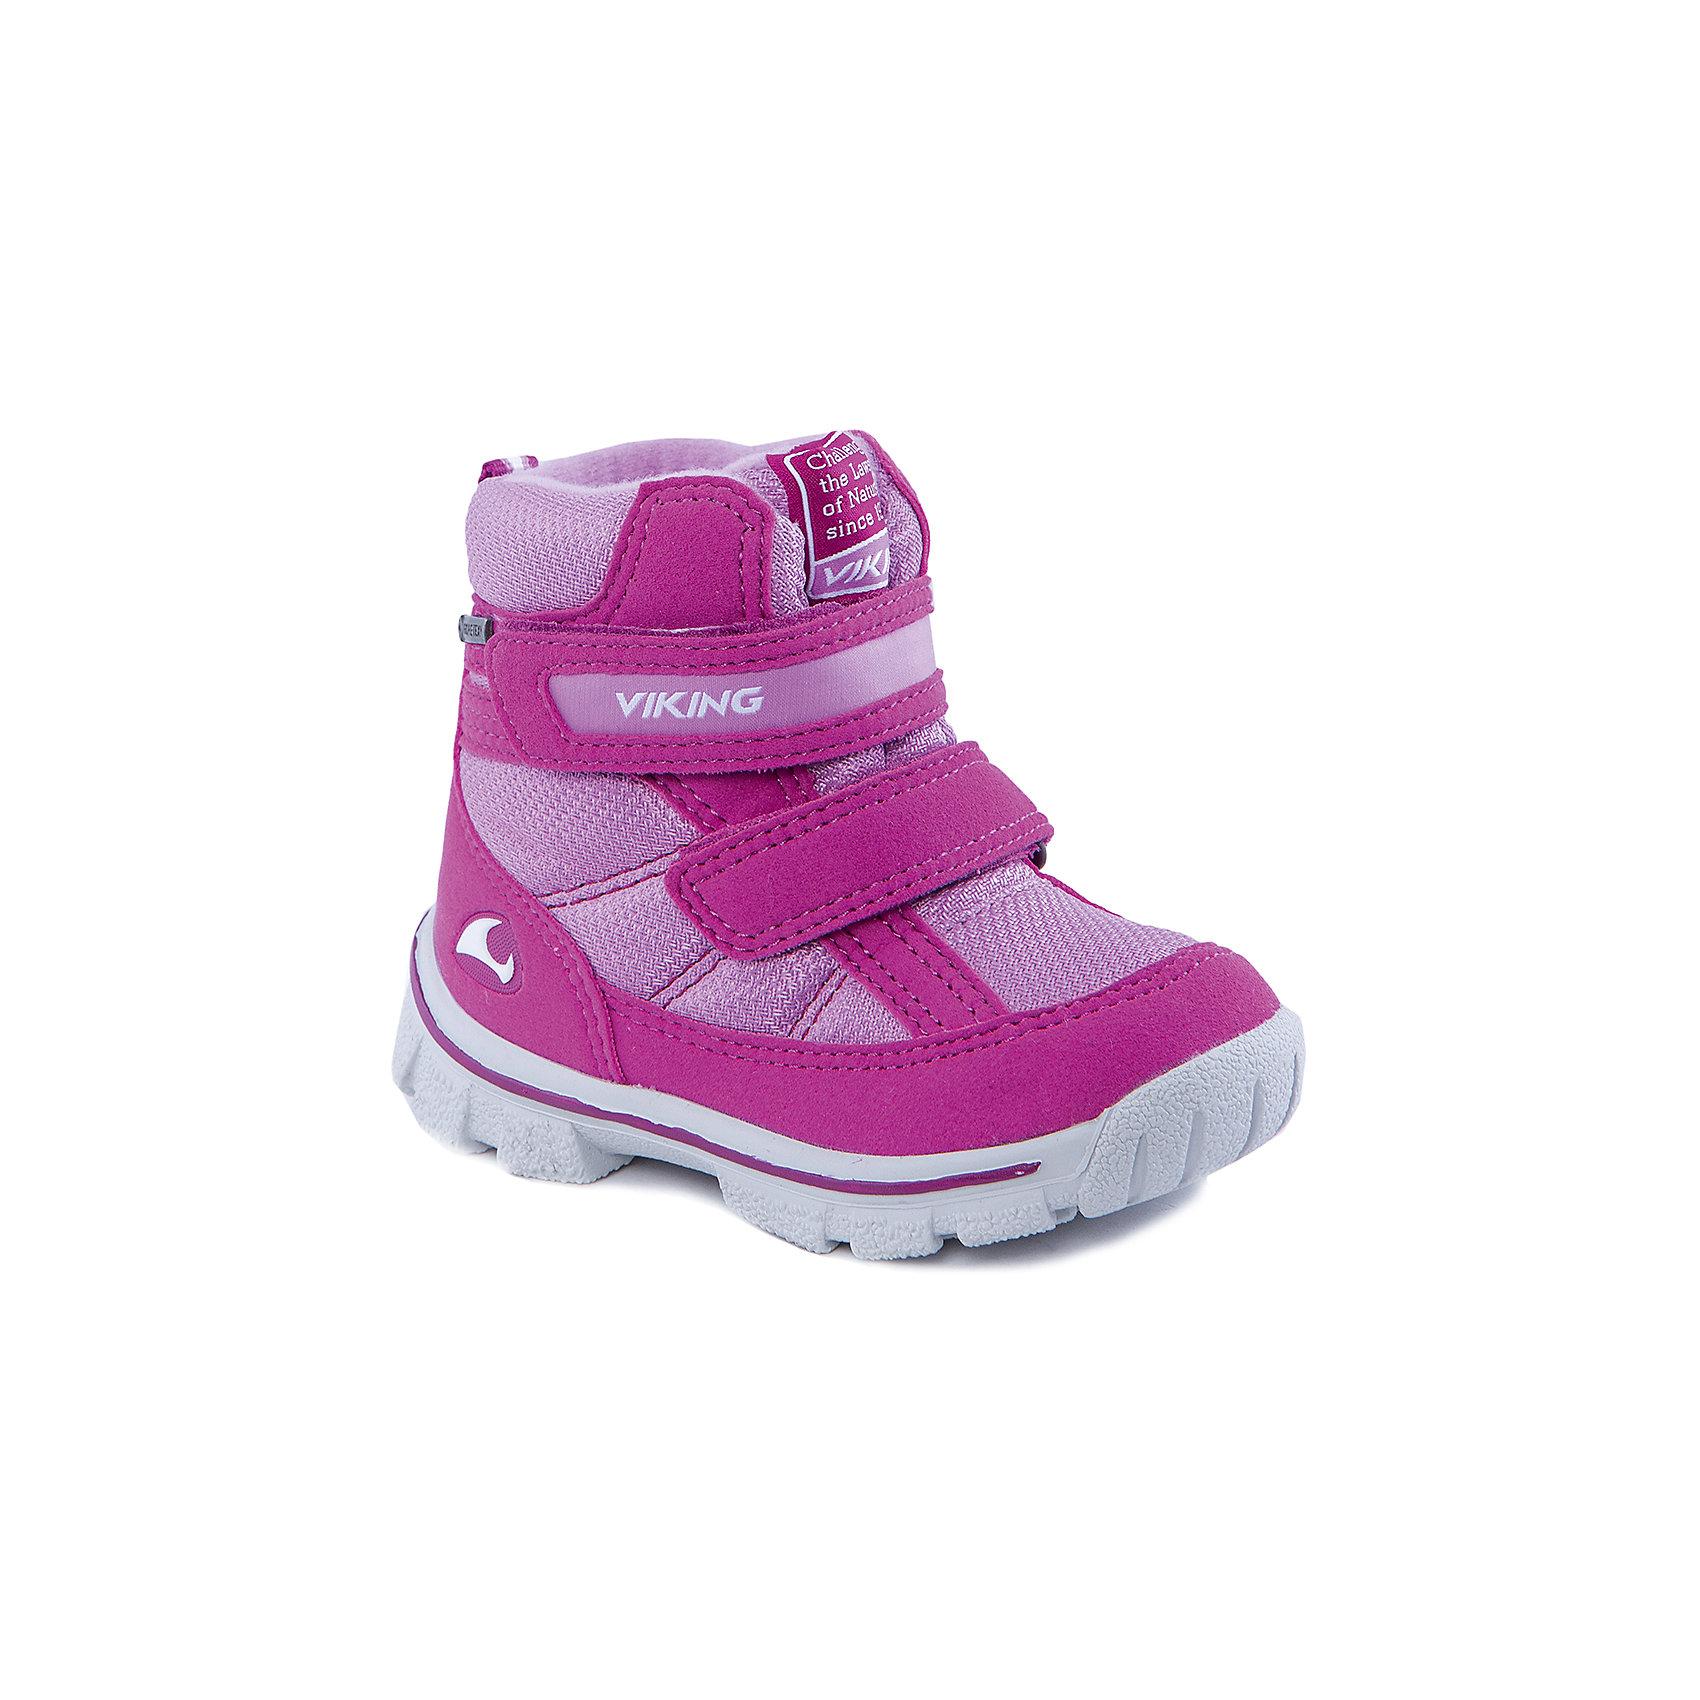 Ботинки для девочки VIKINGБотинки для девочки от популярной марки VIKING <br><br>Модные зимние ботинки сделаны по уникальной технологии. <br>Производитель обуви VIKING разработал специальную  высокотехнологичную мембрану GORE-TEX. Она добавляется в подкладку обуви и позволяют ногам оставаться сухими и теплыми. Мембрана активно отводит влагу наружу, и не дает жидкости проникать внутрь. Мембрана GORE-TEX не создает препятствий для воздуха, обеспечивая комфортные условия для детских ножек.<br><br>Отличительные особенности модели:<br><br>- цвет: розовый;<br>- гибкая нескользящая подошва;<br>- утепленная стелька;<br>- небольшой вес;<br>- усиленный носок и задник;<br>- эргономичная форма;<br>- мембрана GORE-TEX;<br>- специальная колодка для поддержания правильного положения стопы;<br>- соединенный с ботинком язычок, не дающий снегу попасть внутрь;<br>- удобный супинатор;<br>- застежки-липучки.<br><br>Дополнительная информация:<br><br>- Температурный режим: от - 30° С  до -0° С.<br><br>- Состав:<br><br>материал верха: синтетический материал, текстиль<br>материал подкладки: 80% шерсть, 20% полиэстер, мембрана GORE-TEX<br>подошва: резина<br><br>Ботинки для девочки VIKING (Викинг) можно купить в нашем магазине.<br><br>Ширина мм: 262<br>Глубина мм: 176<br>Высота мм: 97<br>Вес г: 427<br>Цвет: розовый<br>Возраст от месяцев: 21<br>Возраст до месяцев: 24<br>Пол: Женский<br>Возраст: Детский<br>Размер: 24,27,25,22,20,21,23,26<br>SKU: 4279109